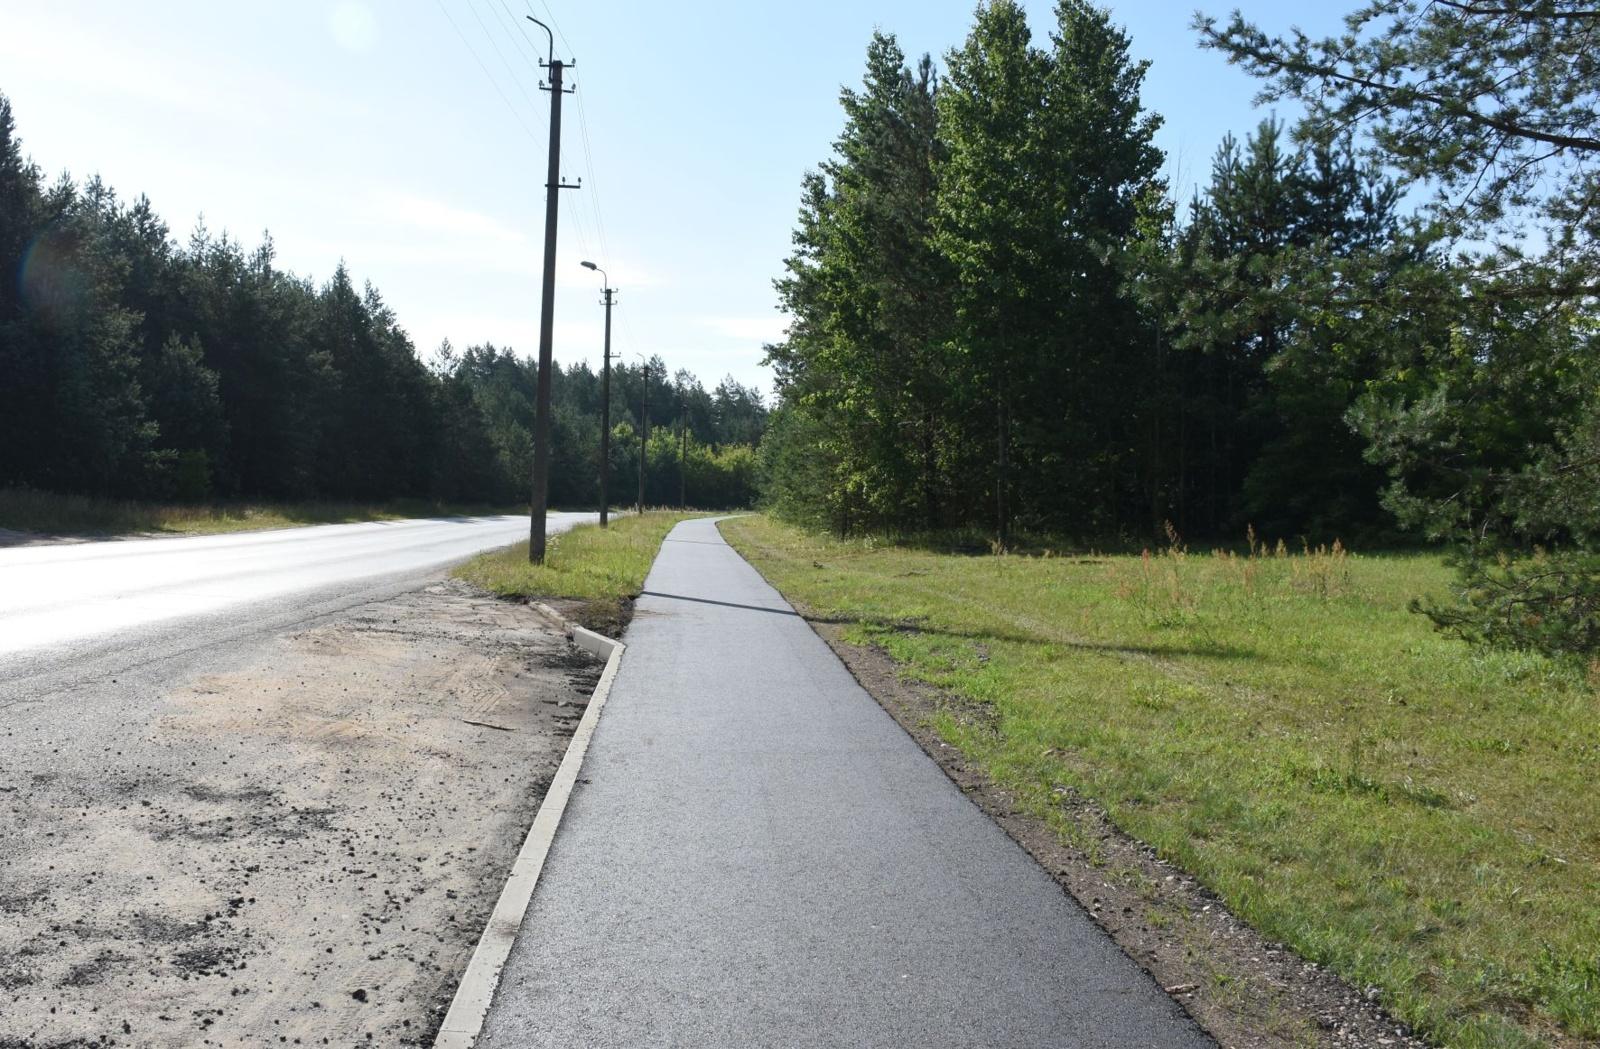 Atnaujinta Varėnos miesto Pramonės ir Savanorių gatvių dviračių ir pėsčiųjų tako asfalto danga